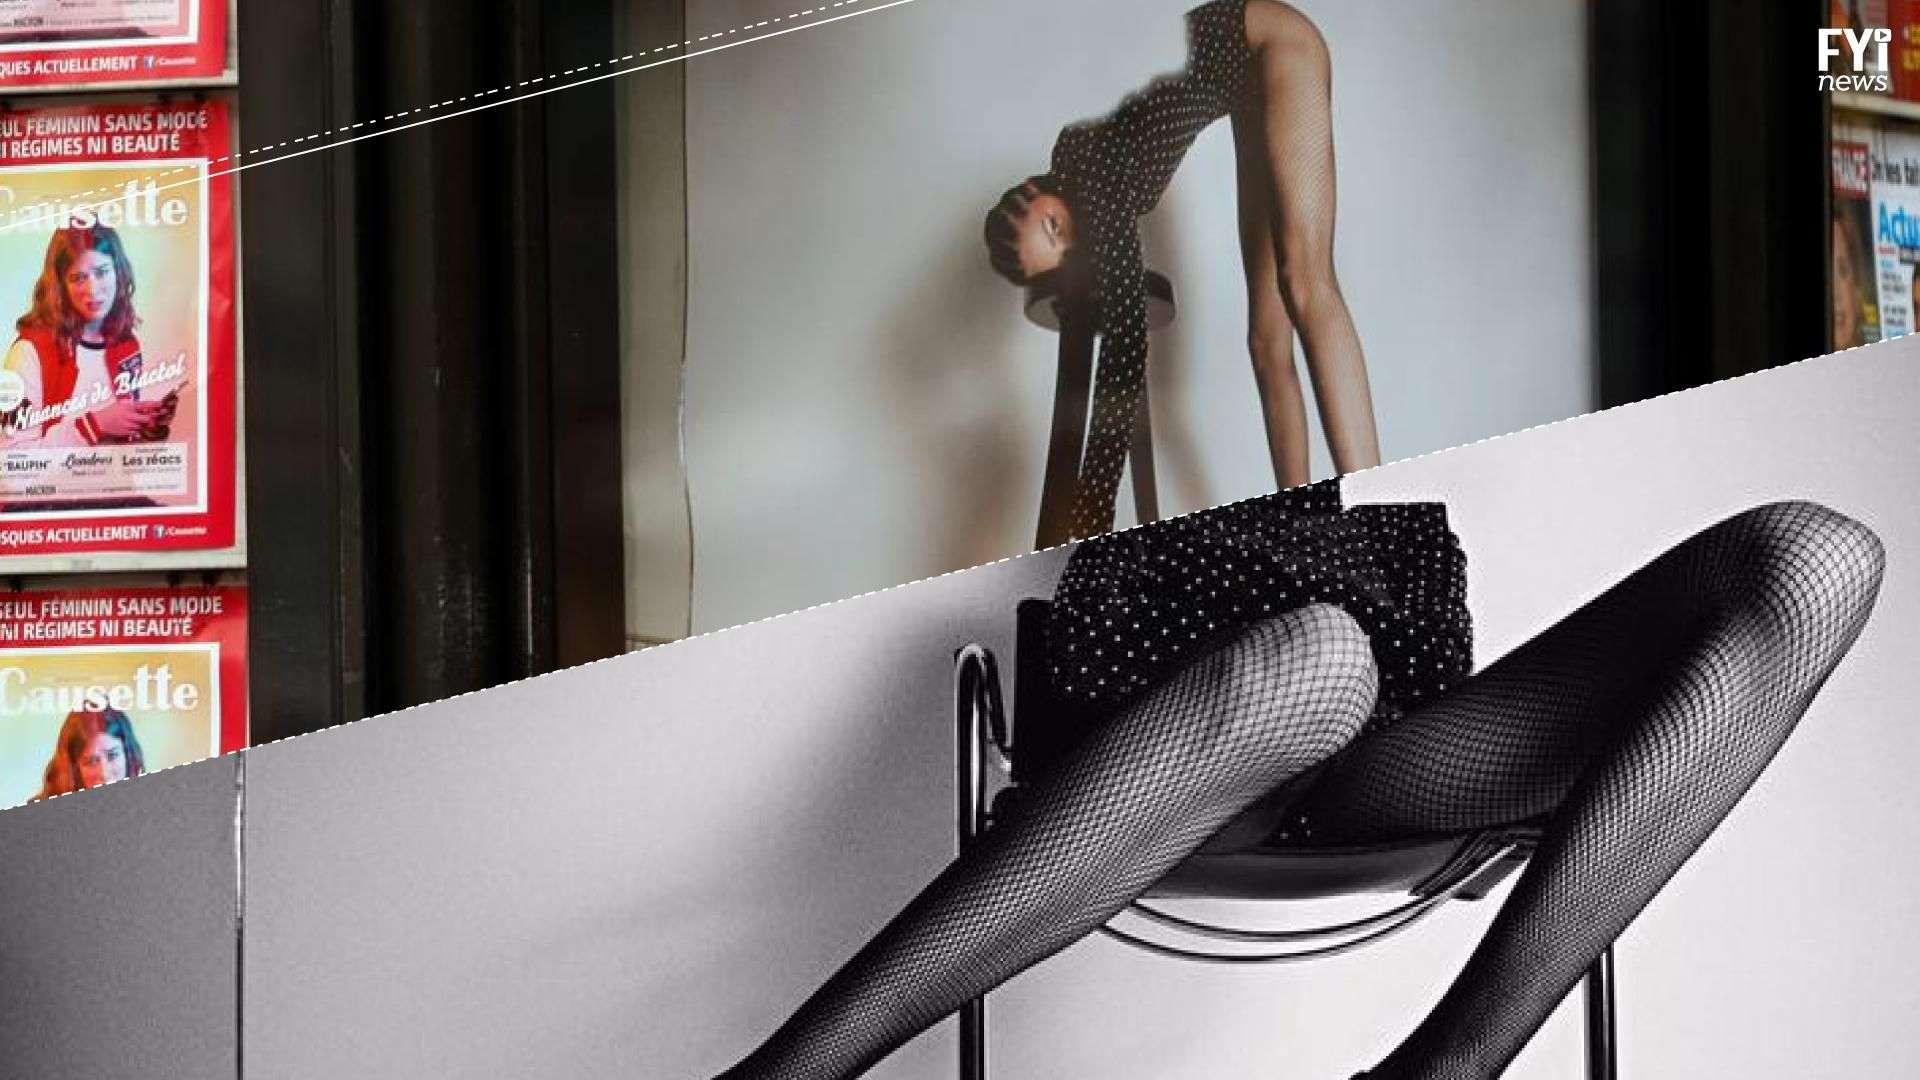 Campanha publicitária da Yves Saint Laurent gera polêmica